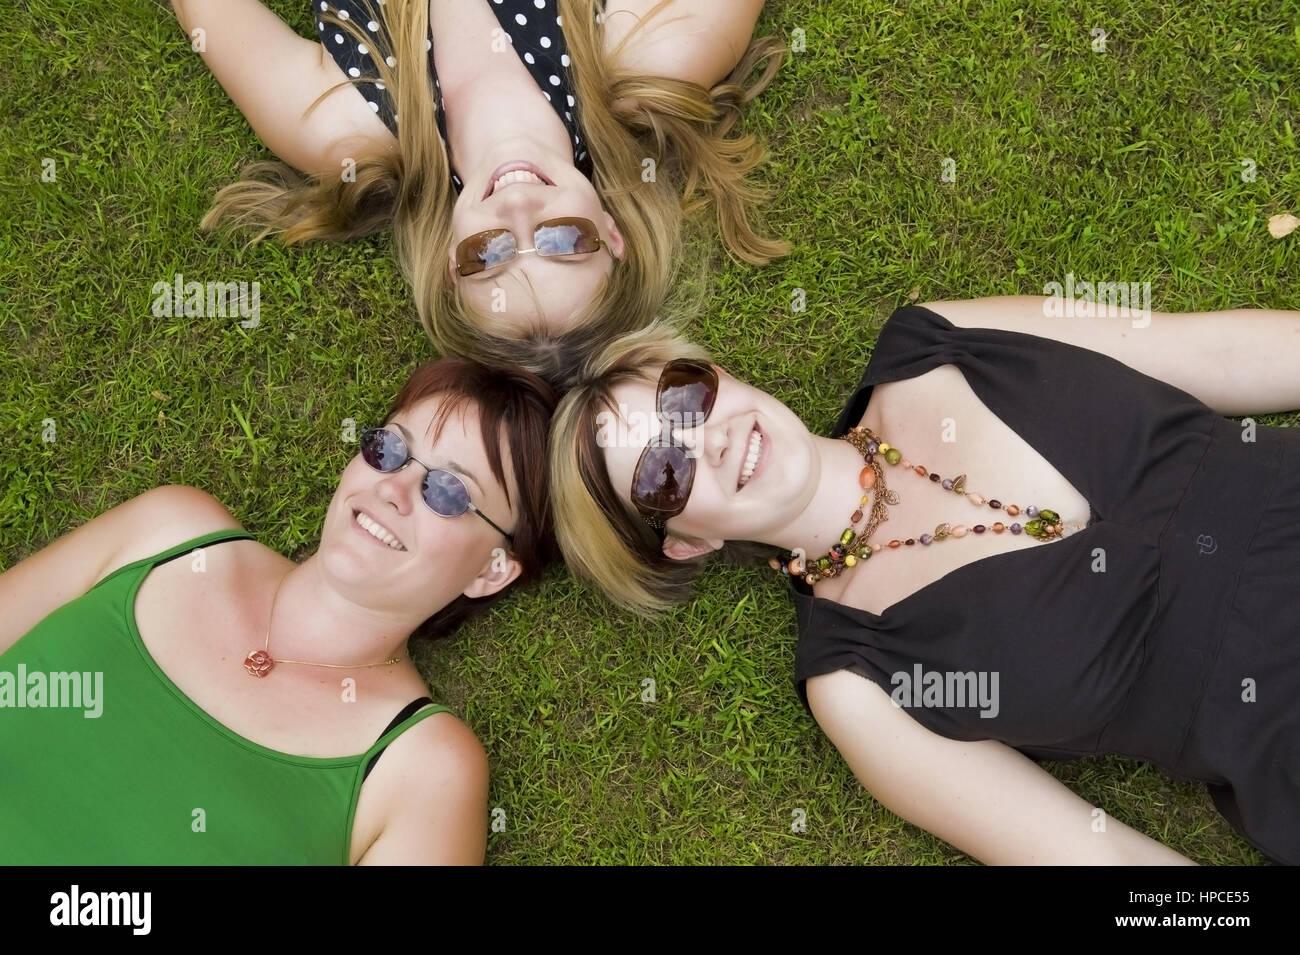 Model released , Drei Frauen mit Sonnenbrillen liegen Kopf an Kopf in der Wiese - women lying in the meadow Stock Photo